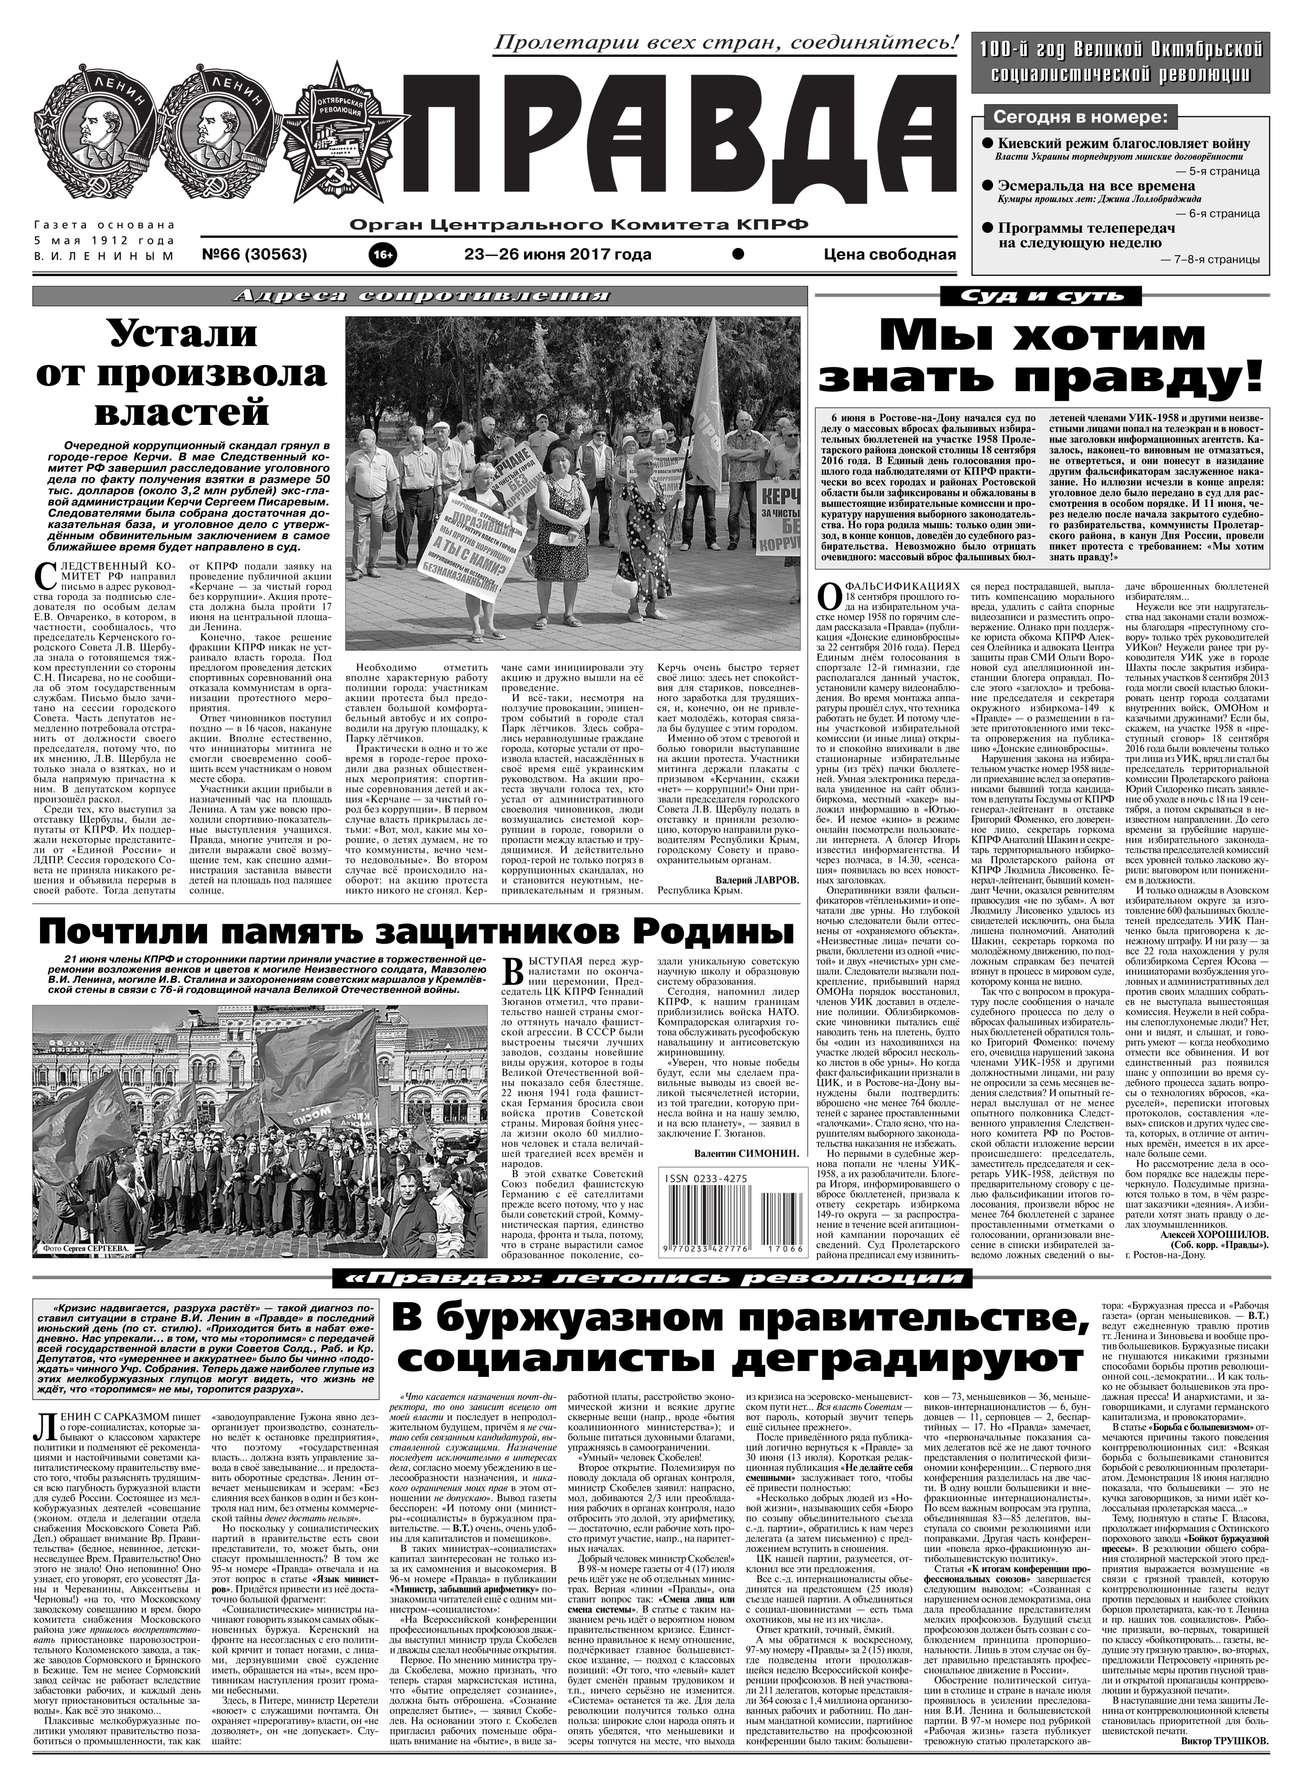 Редакция газеты Правда Правда 66-2017 редакция газеты новая газета новая газета 95 2017